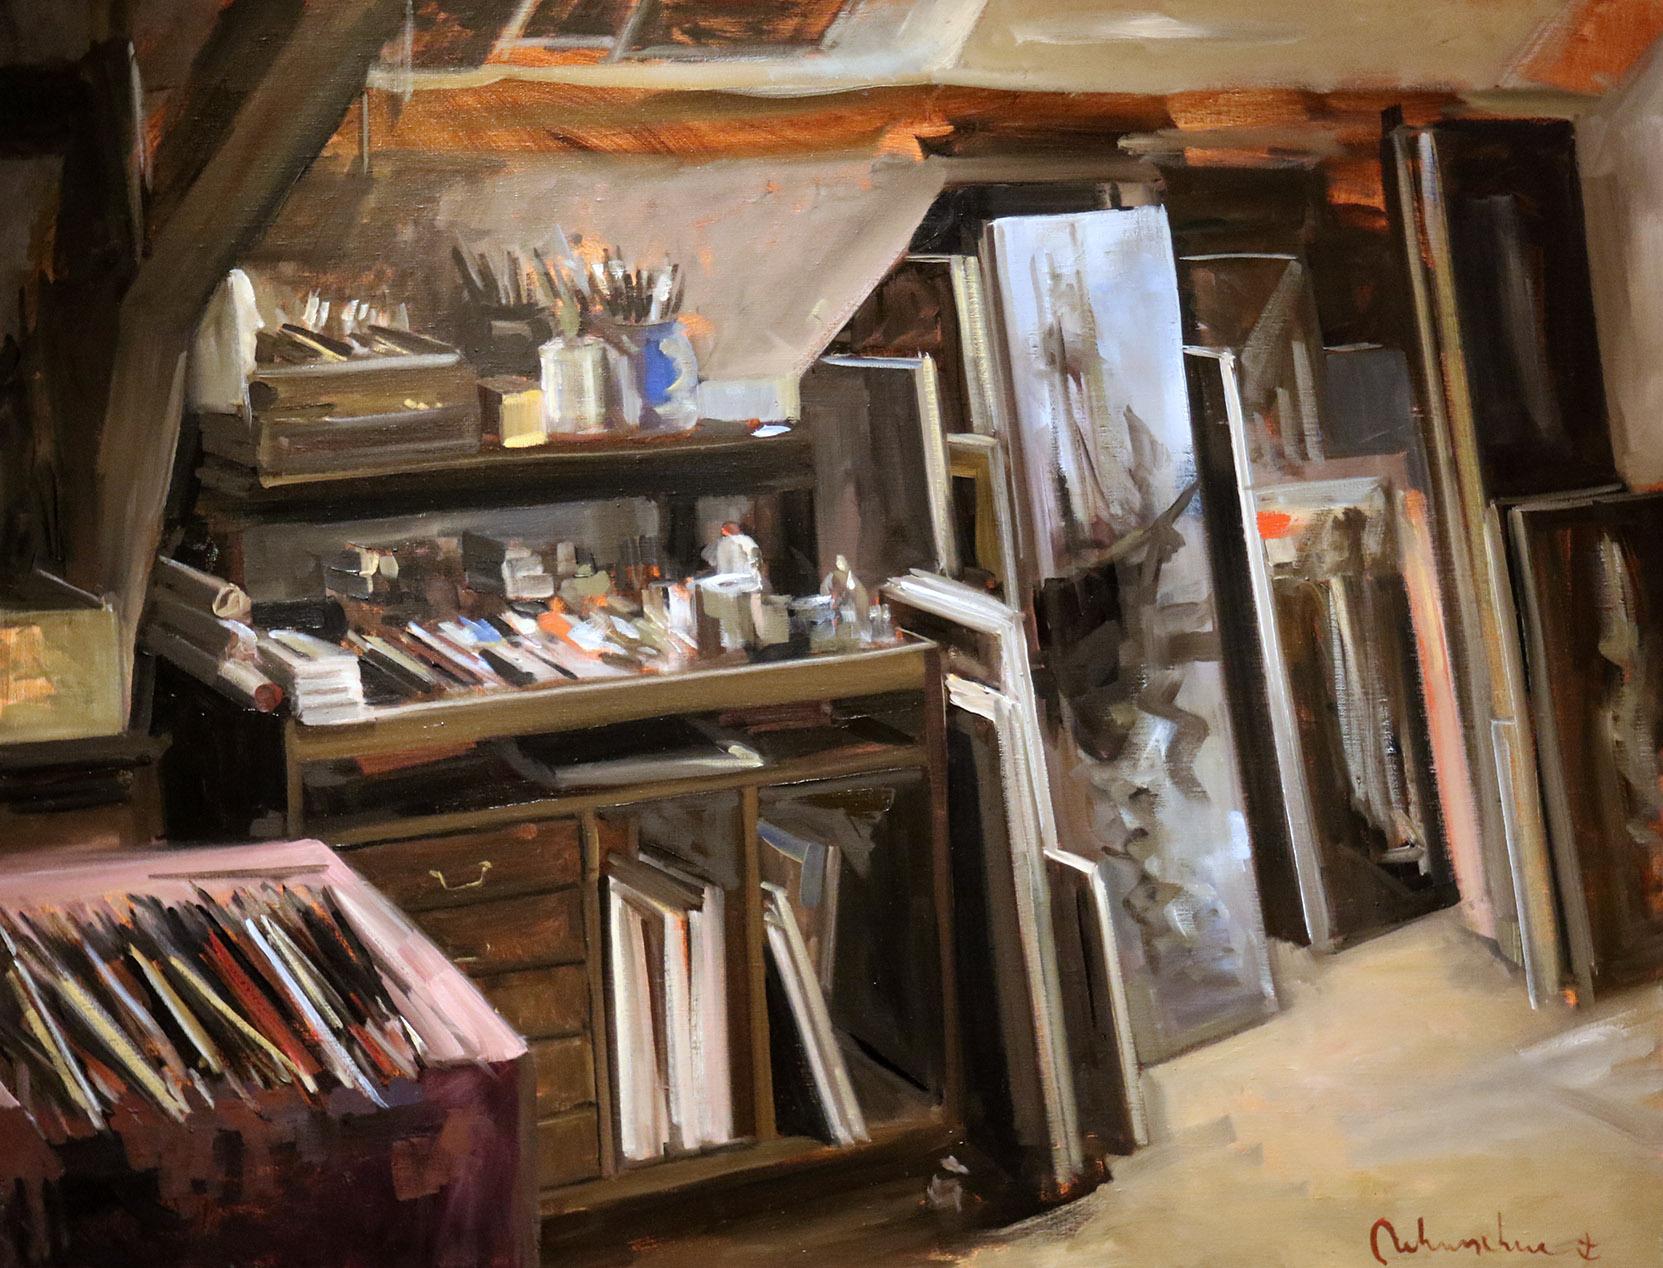 Christoff DEBUSSCHERE - 86 - Les pinceaux - 50F (116X89 cm)